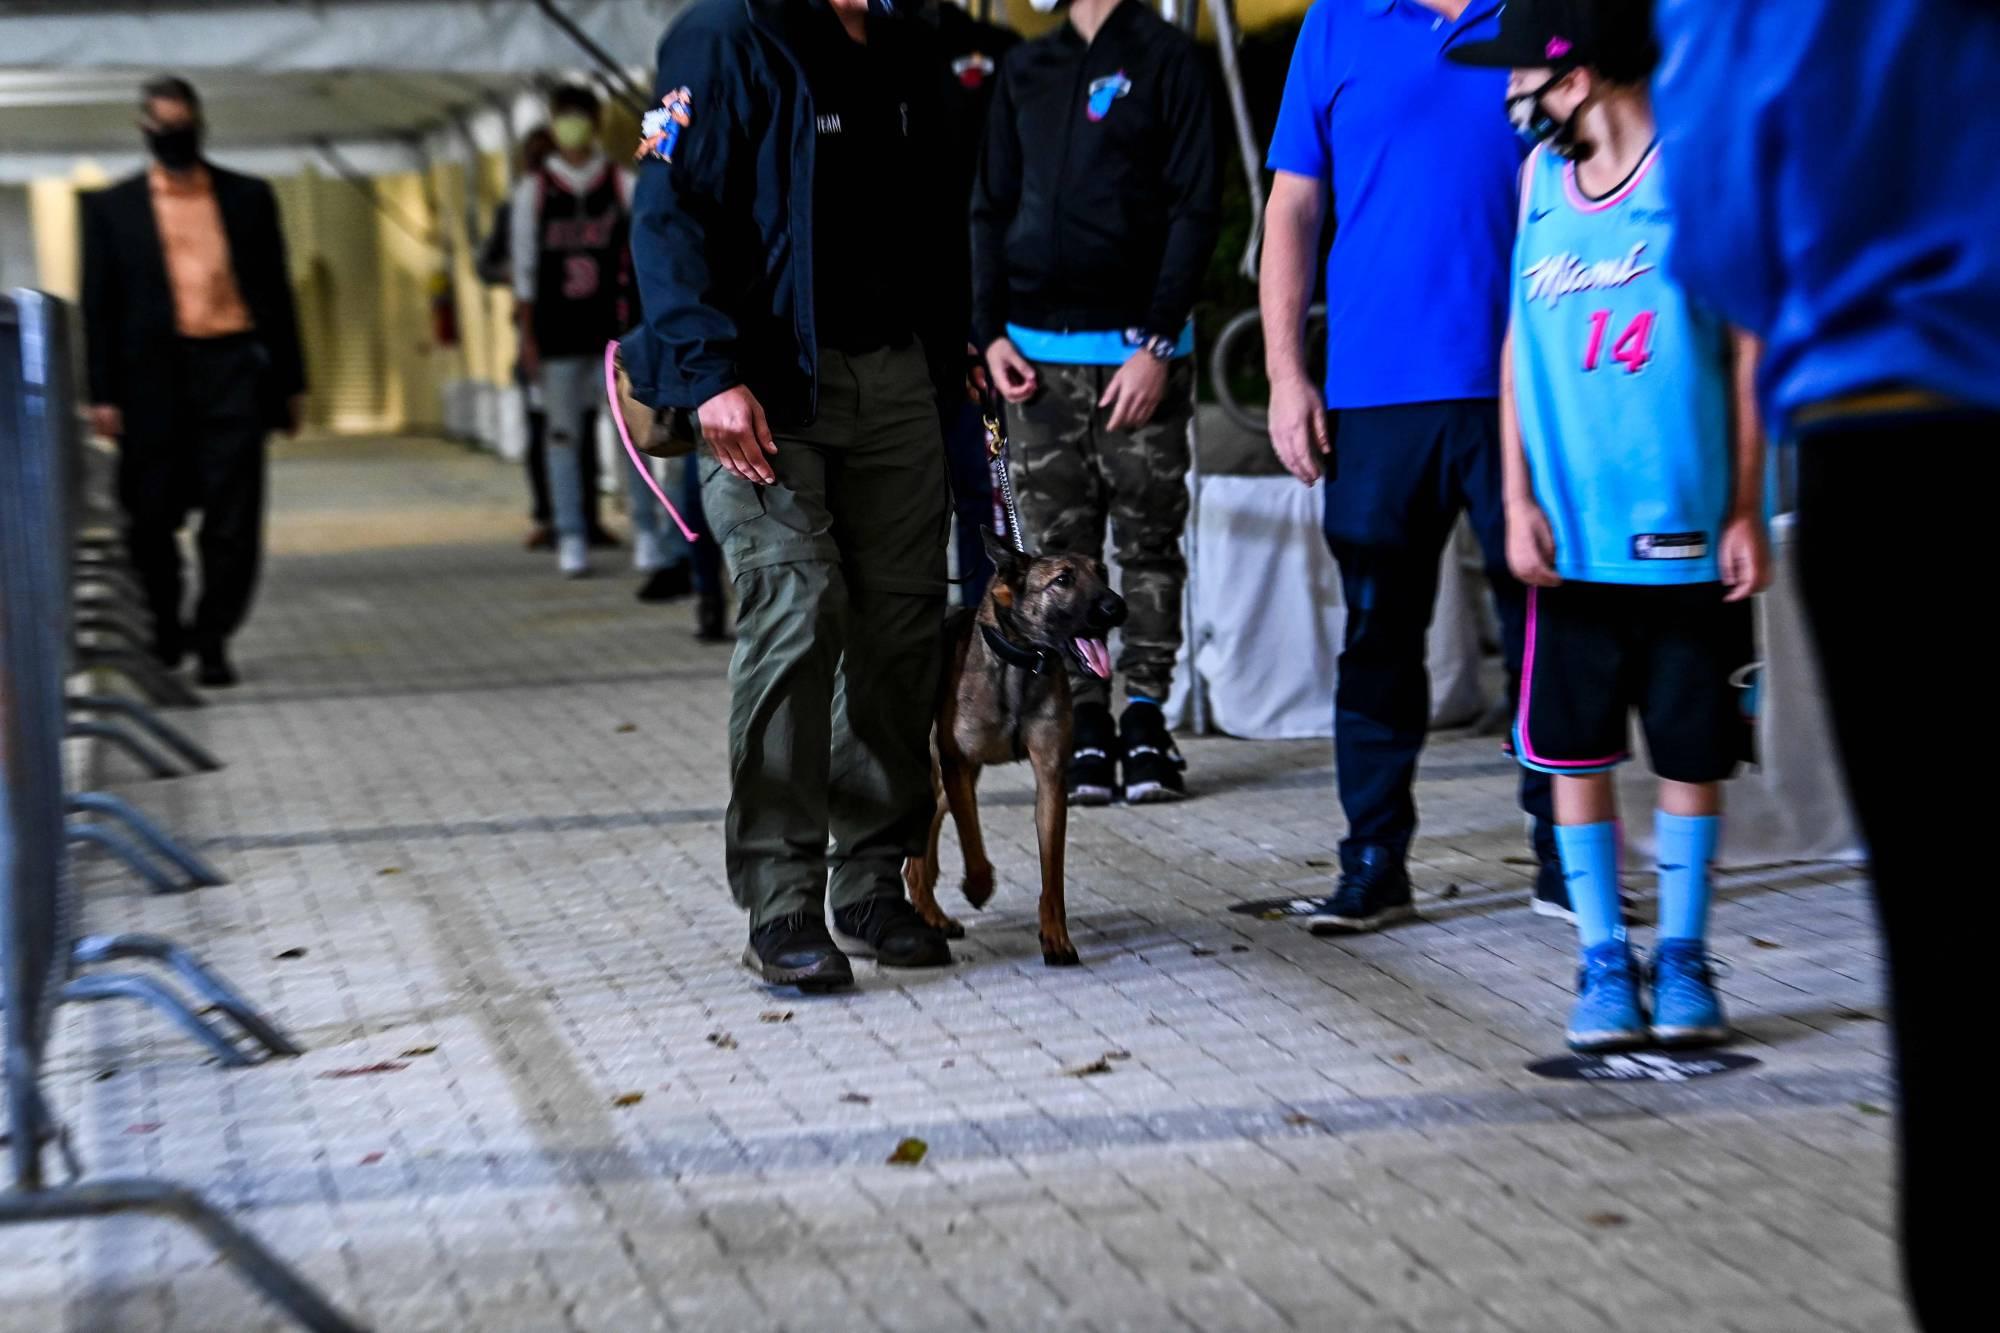 «Майами» нанял дрессированных собак, чтобы находить коронавирус у болельщиков. Это метод спасет индустрию